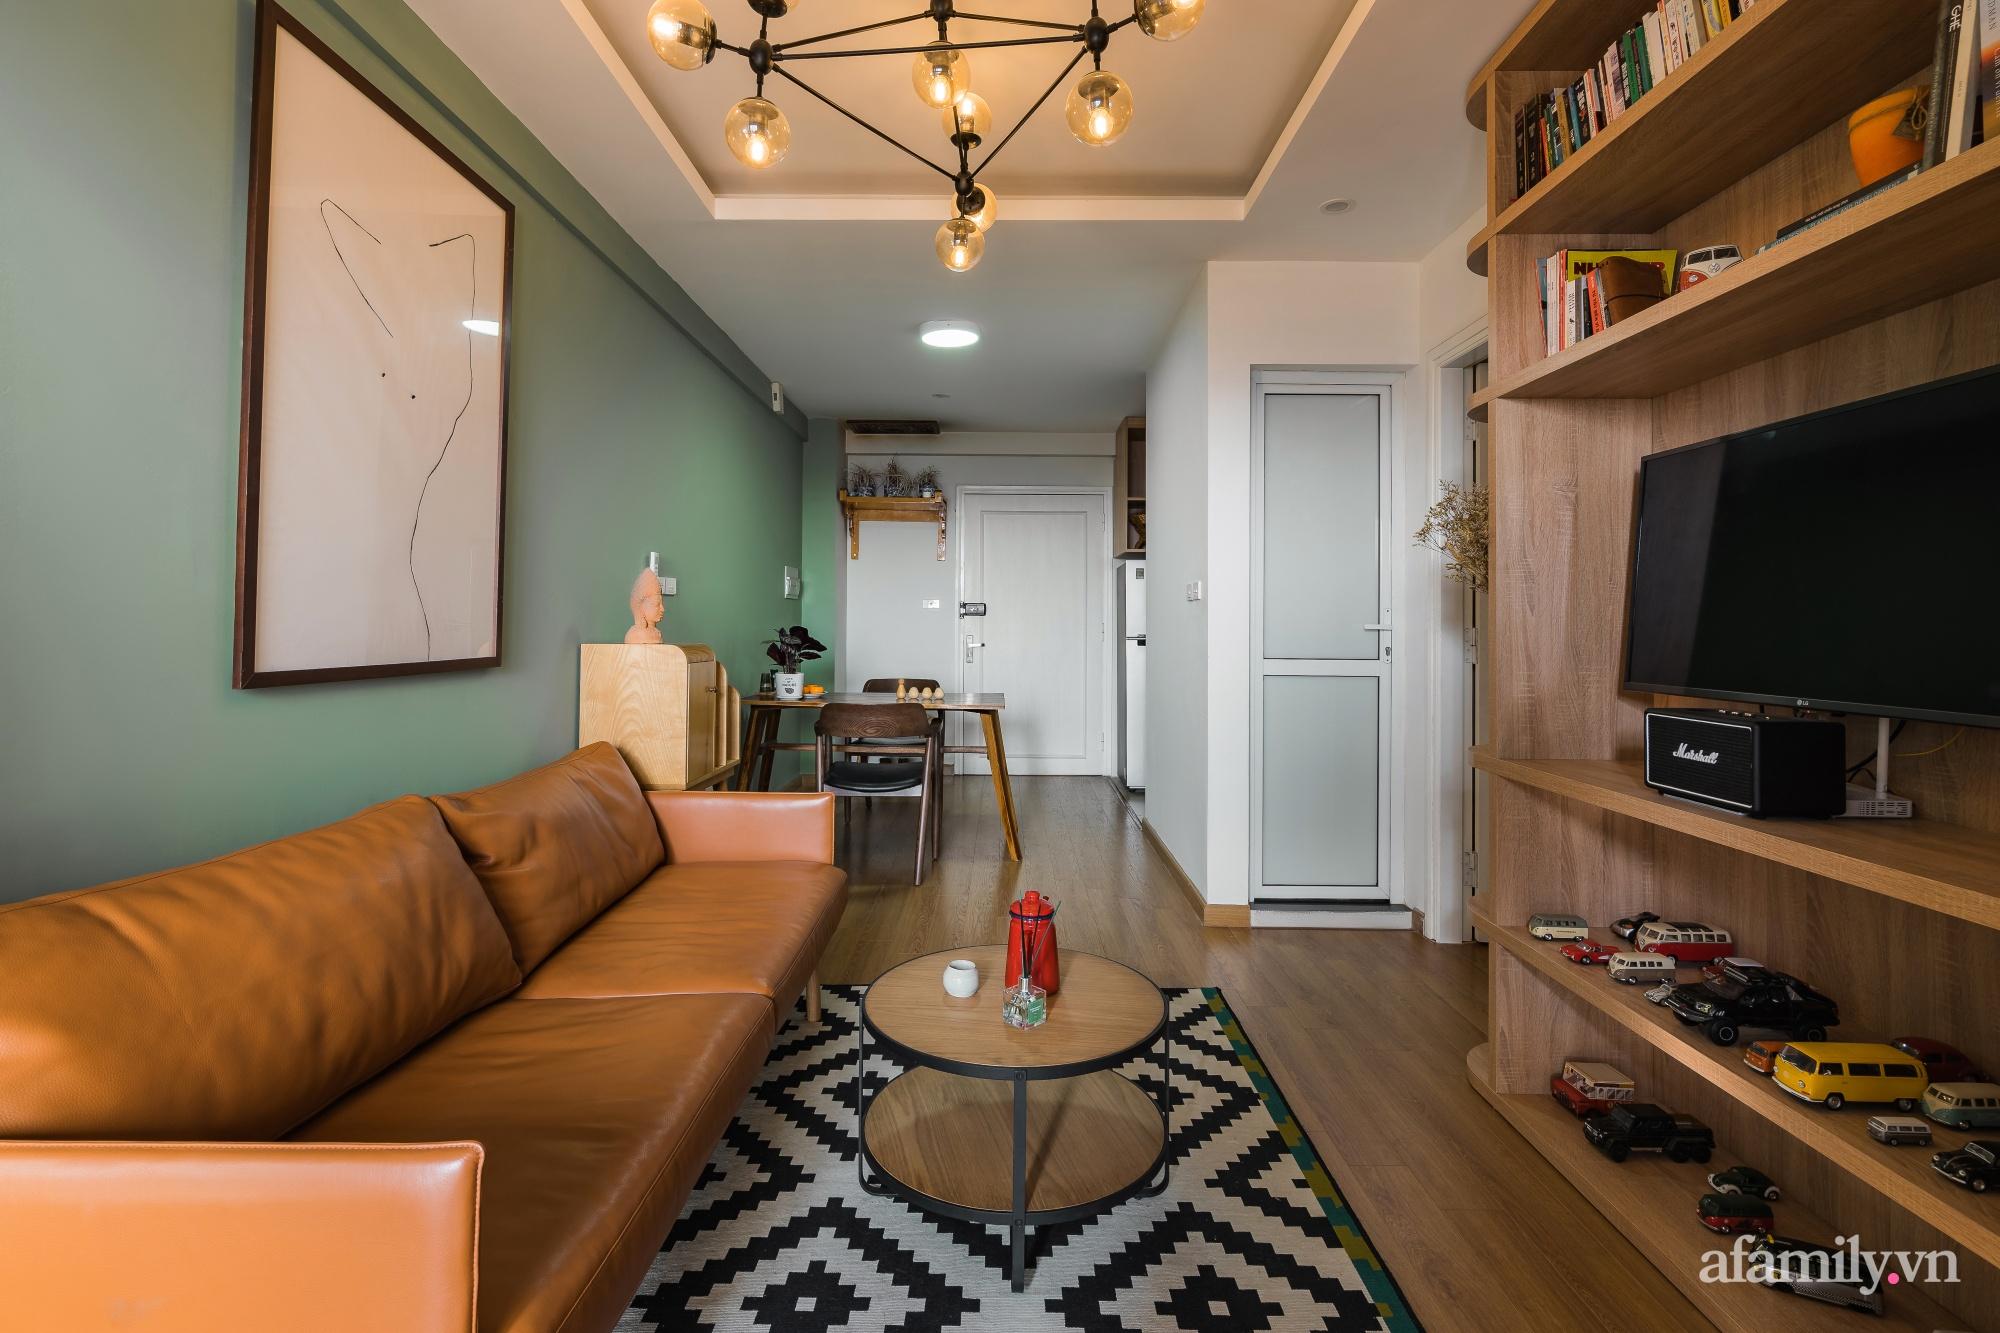 Căn hộ 60m² hoàn thiện nội thất tinh tế dành cho vợ chồng trẻ có chi phí 250 triệu đồng ở Hà Nội - Ảnh 8.